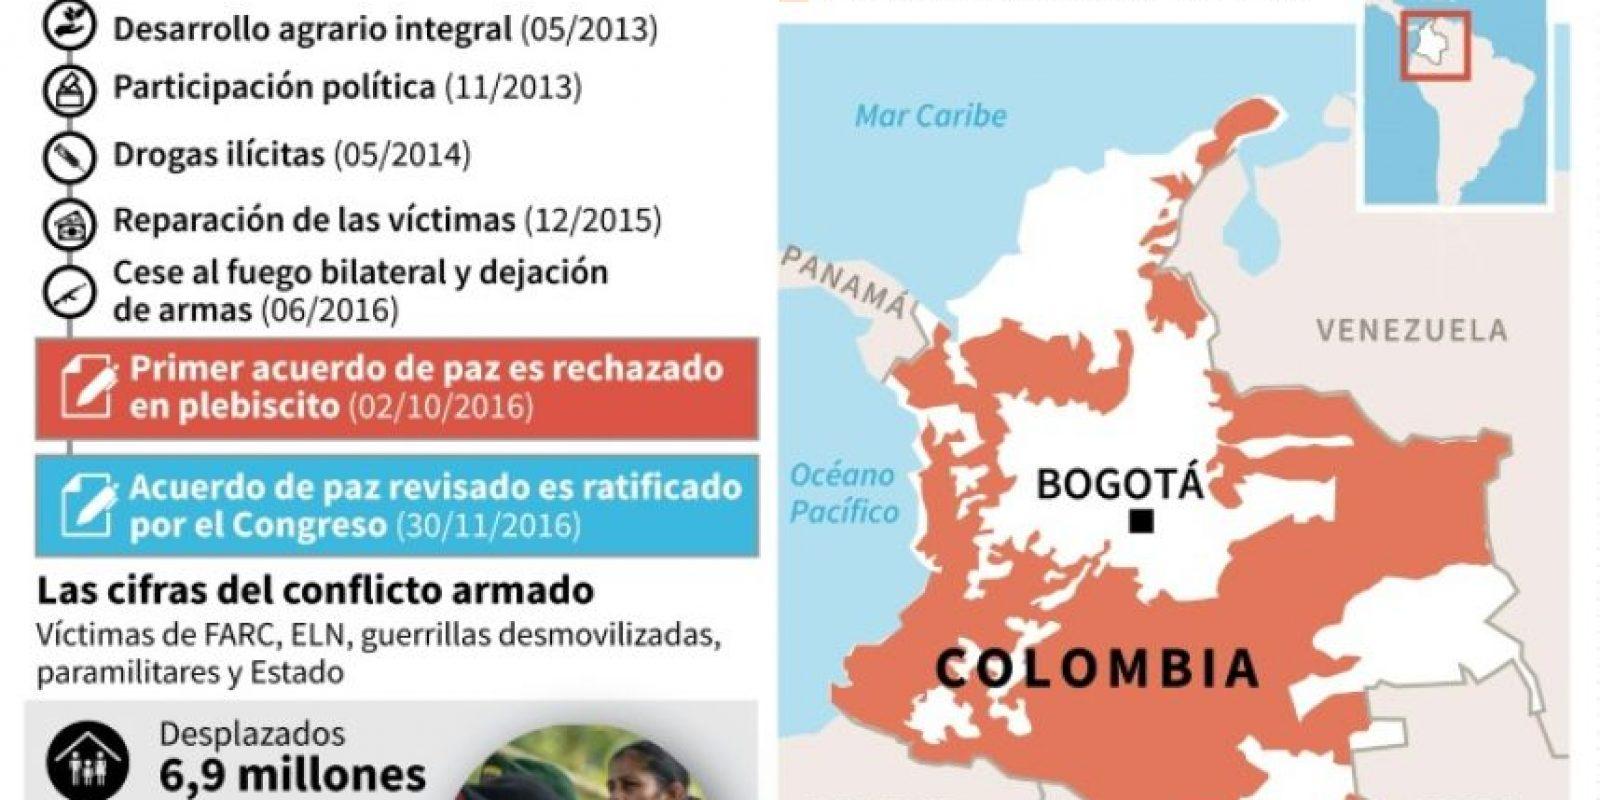 Ficha sobre las negociaciones de paz entre el gobierno colombiano y la guerrilla de las FARC Foto:Gustavo Izus, Anella Reta, Tatiana Magarinos/afp.com